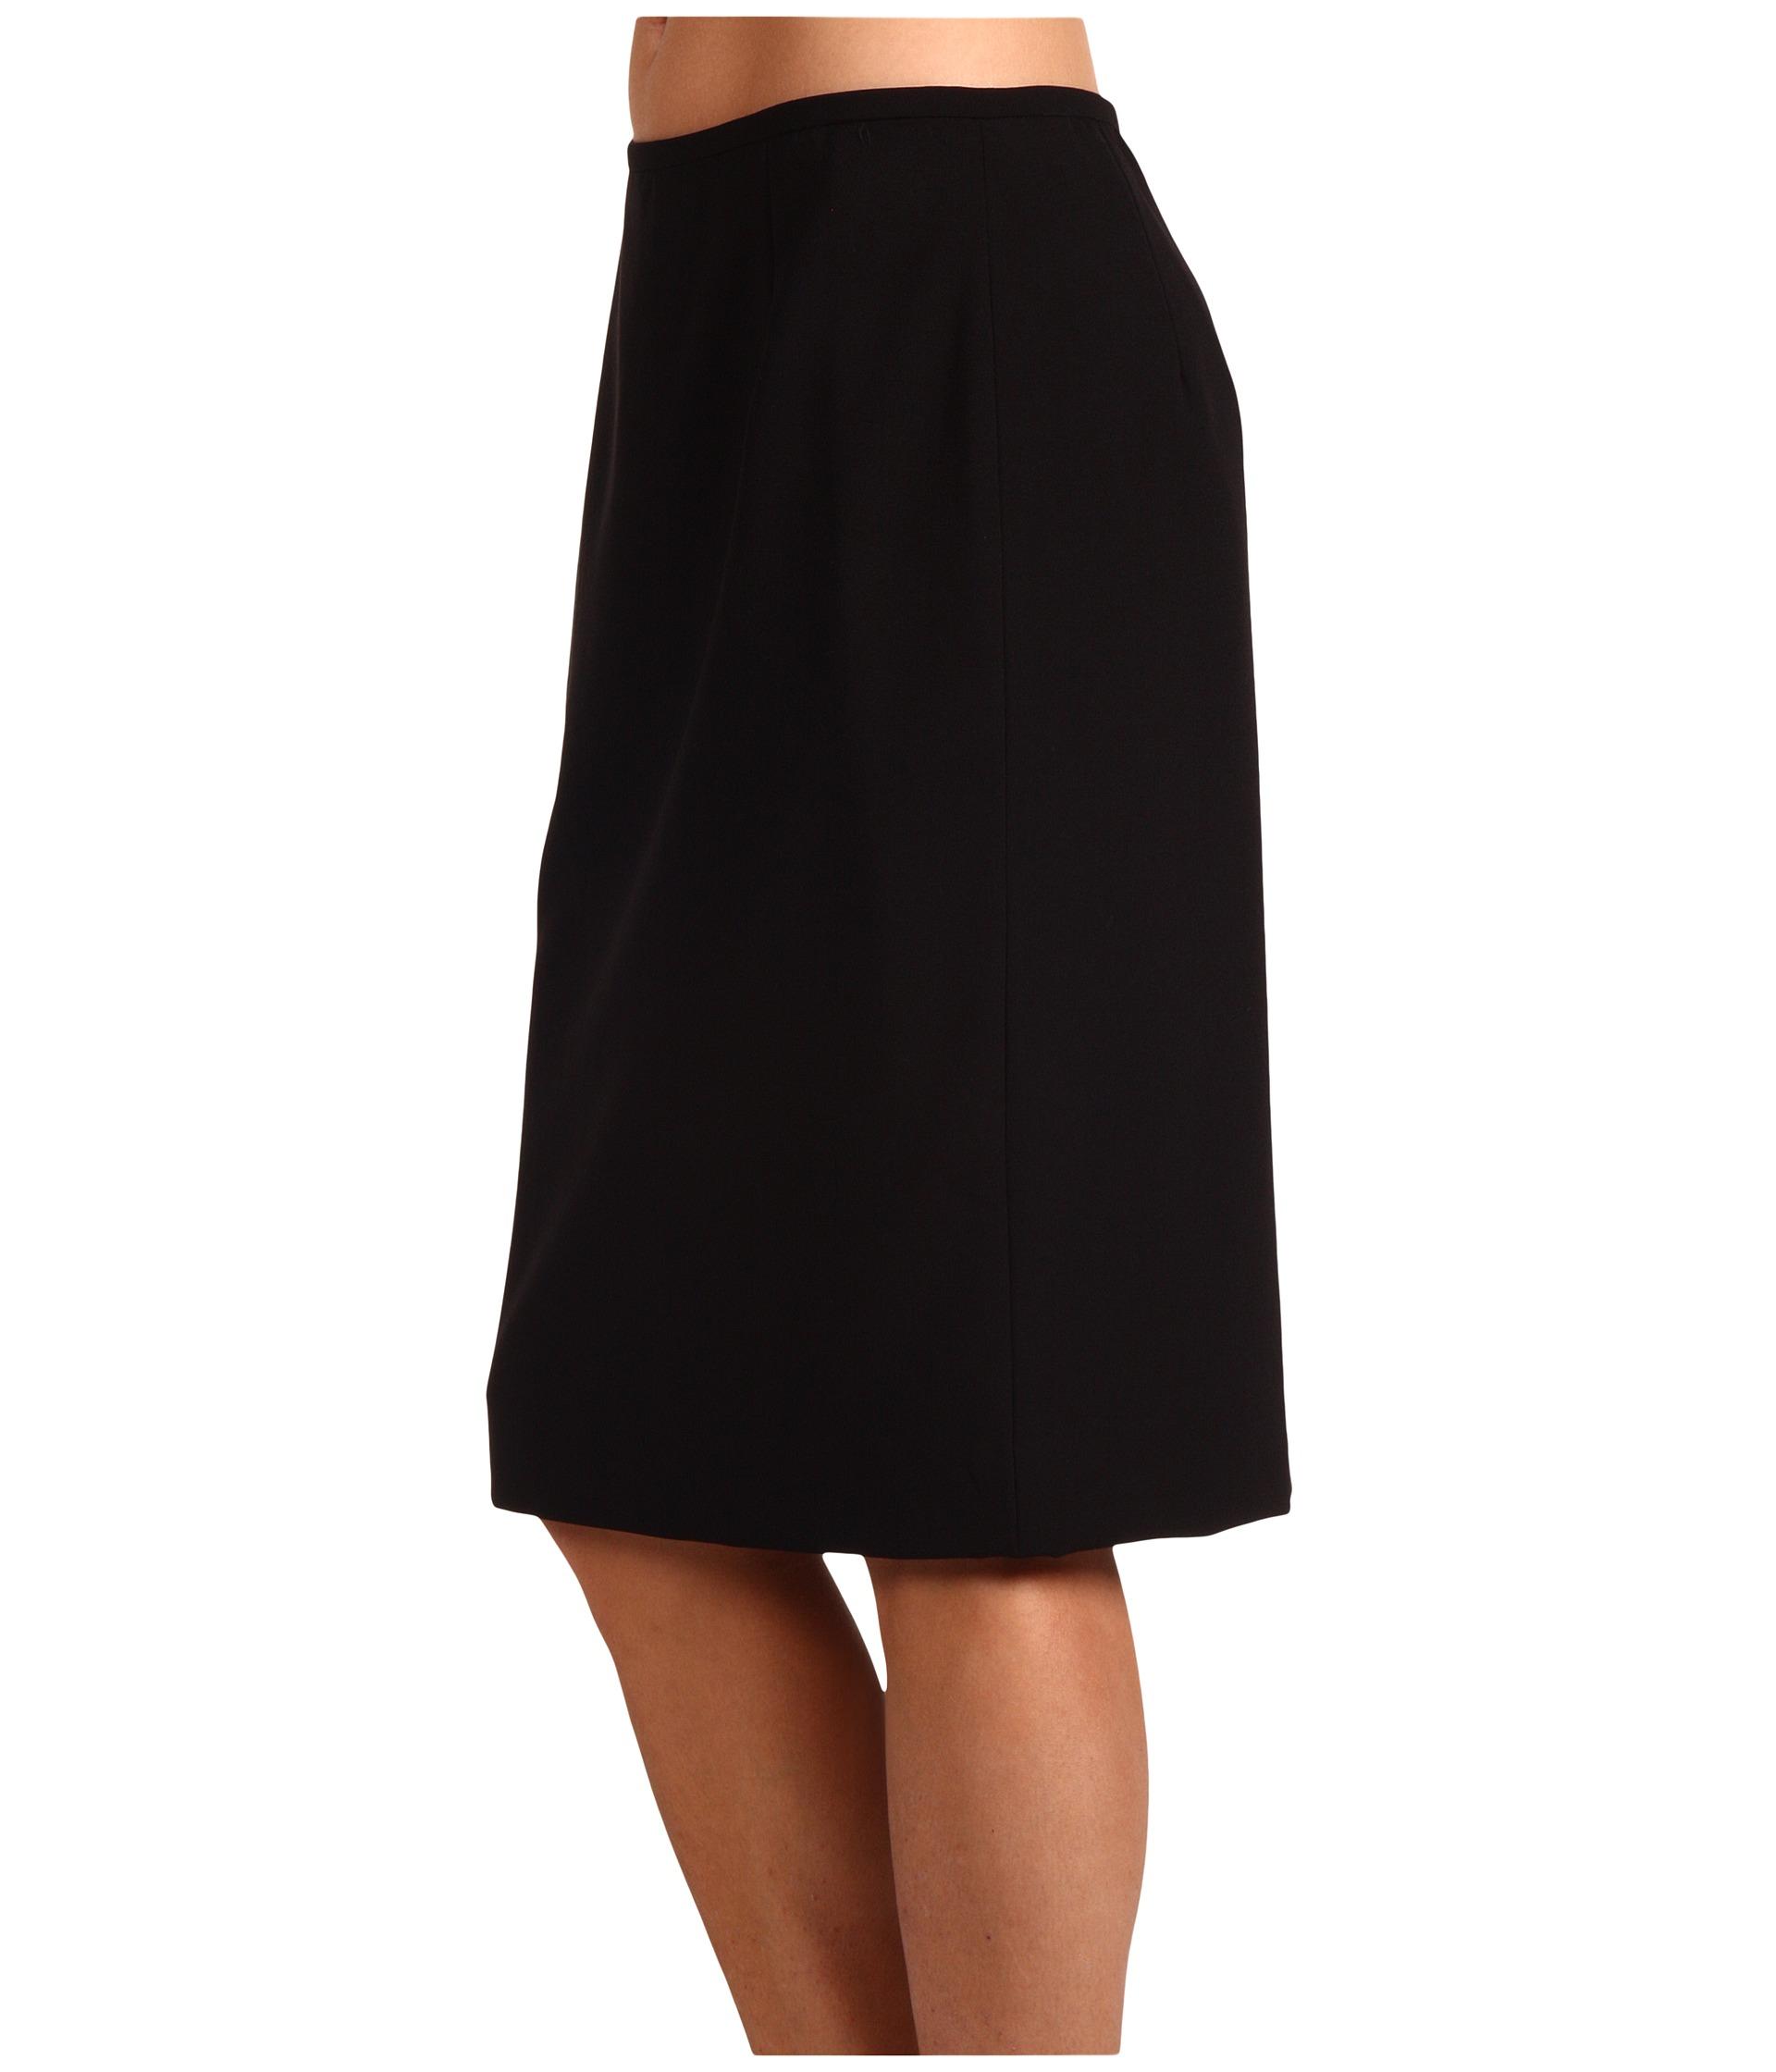 calvin klein pencil skirt black zappos free shipping